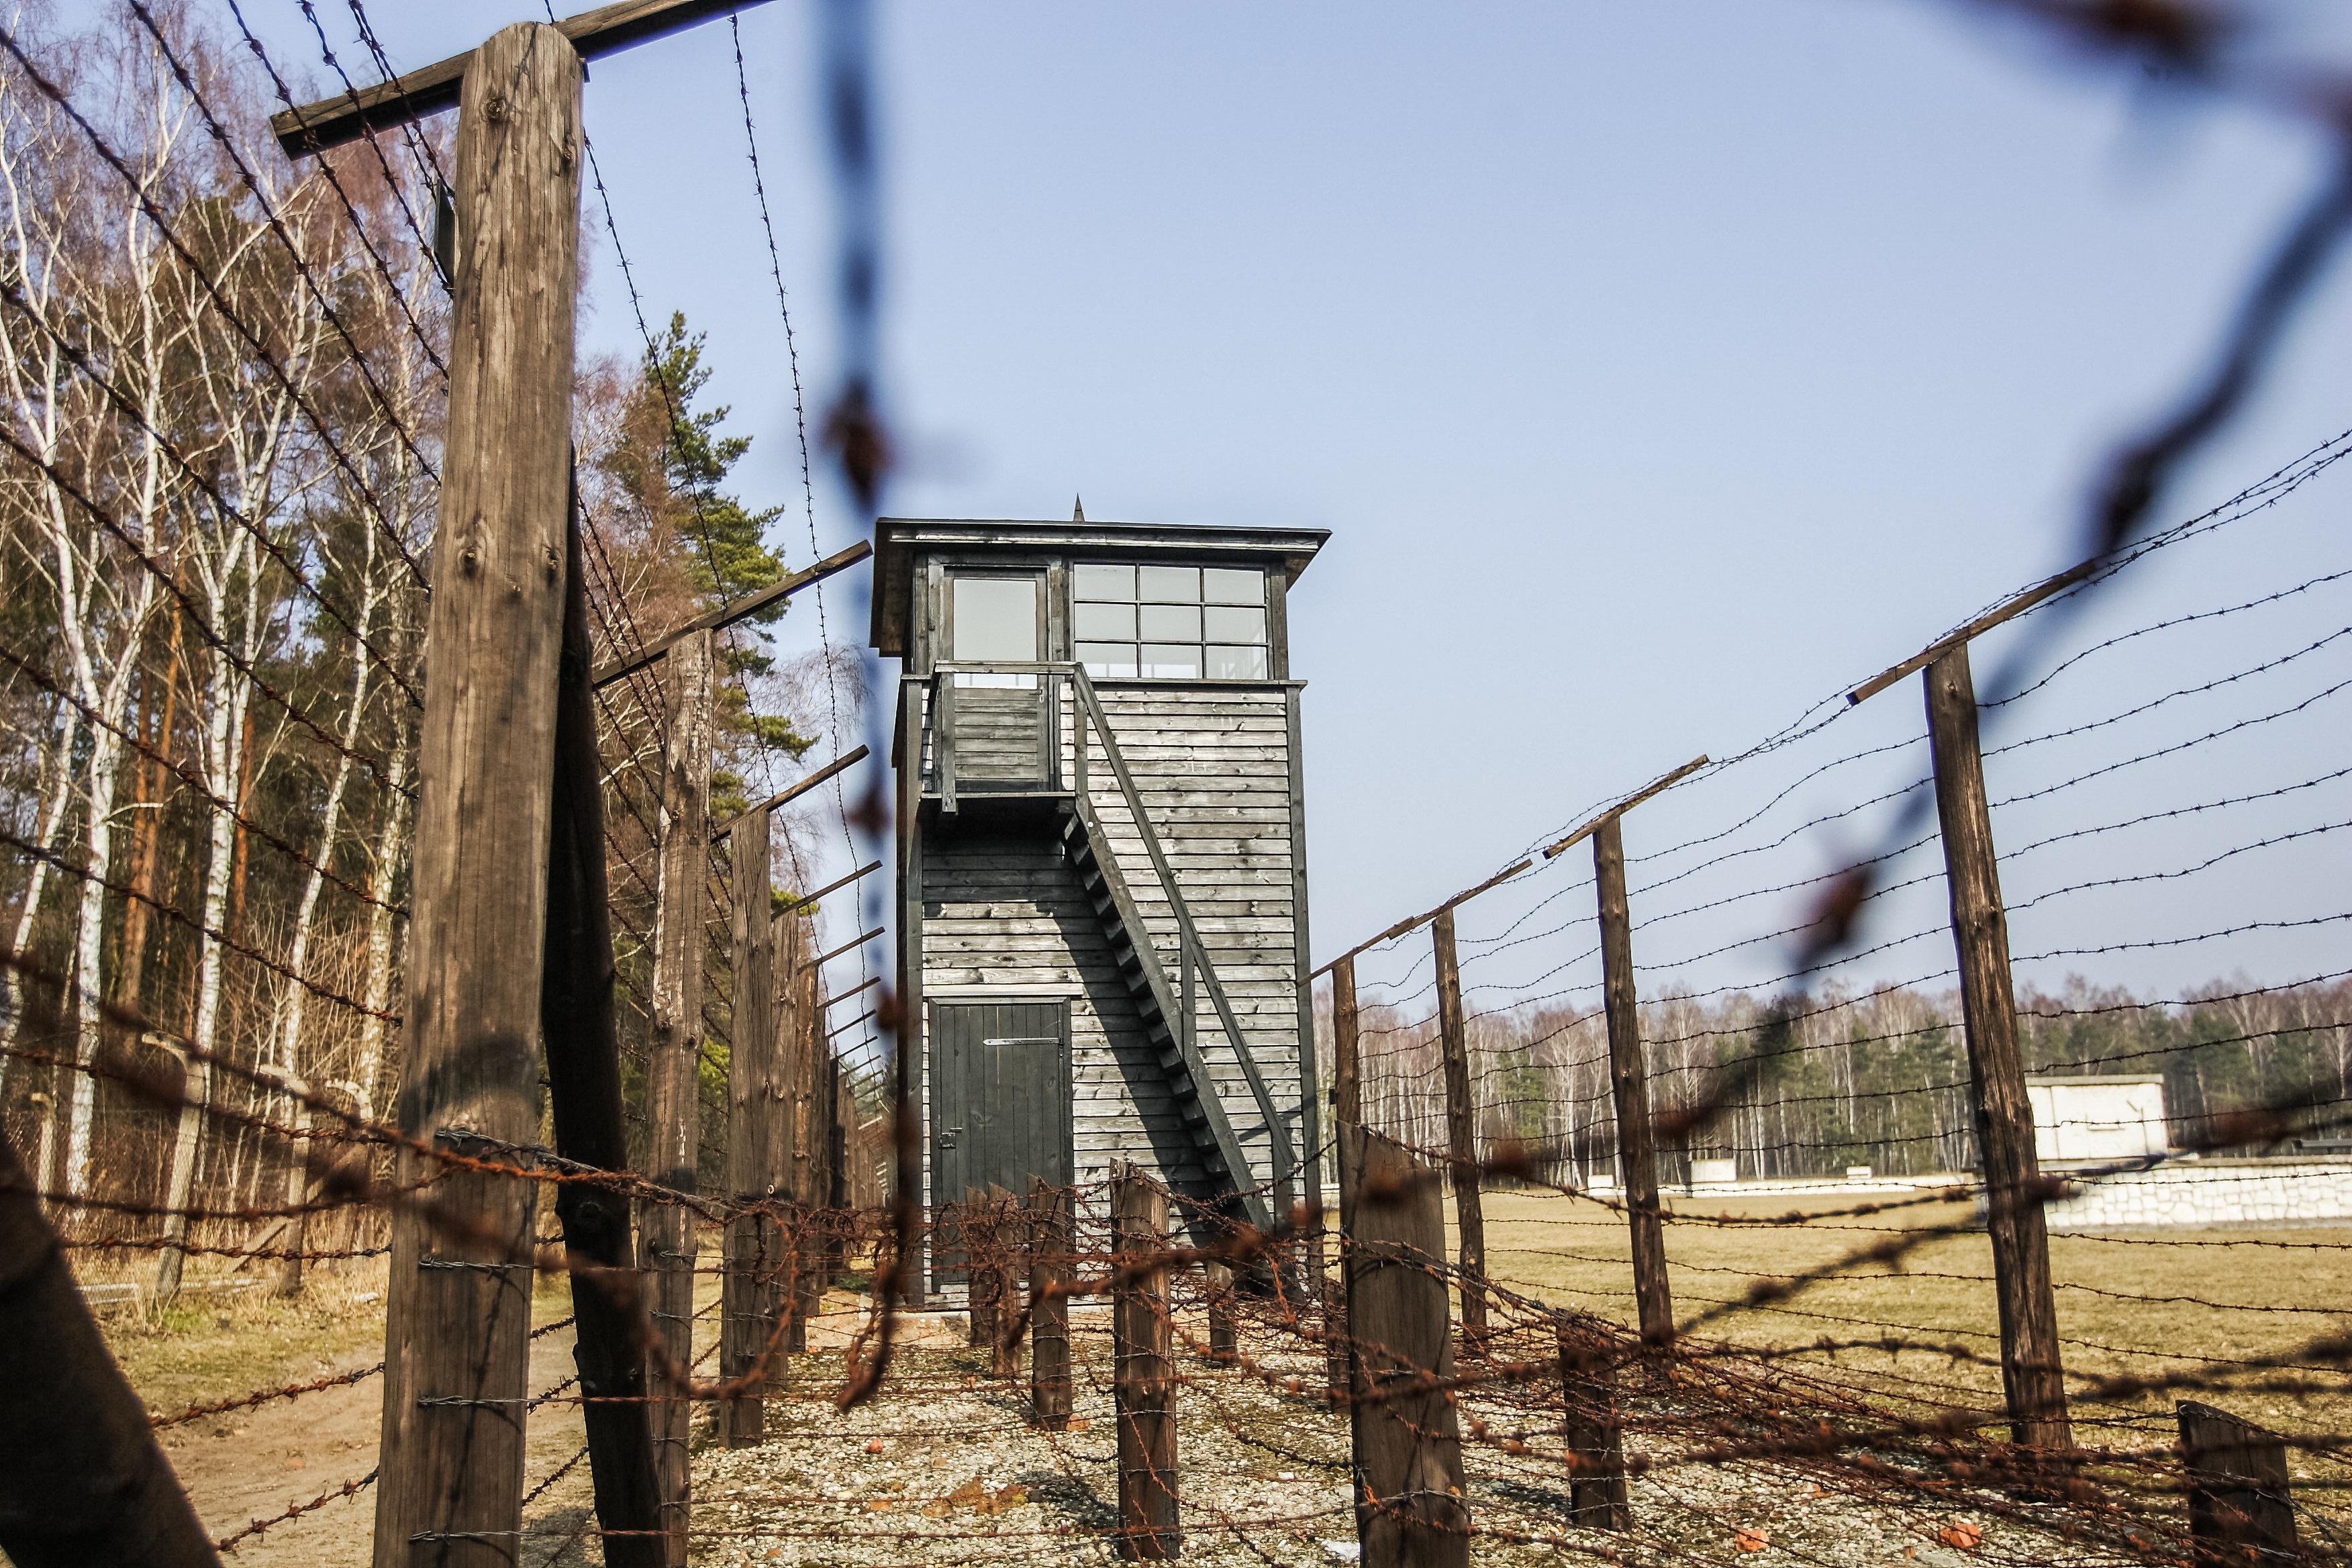 Őrizetbe vették a stutthofi koncentrációs tábor egykori titkárnőjét, aki nem jelent meg a tárgyalásán